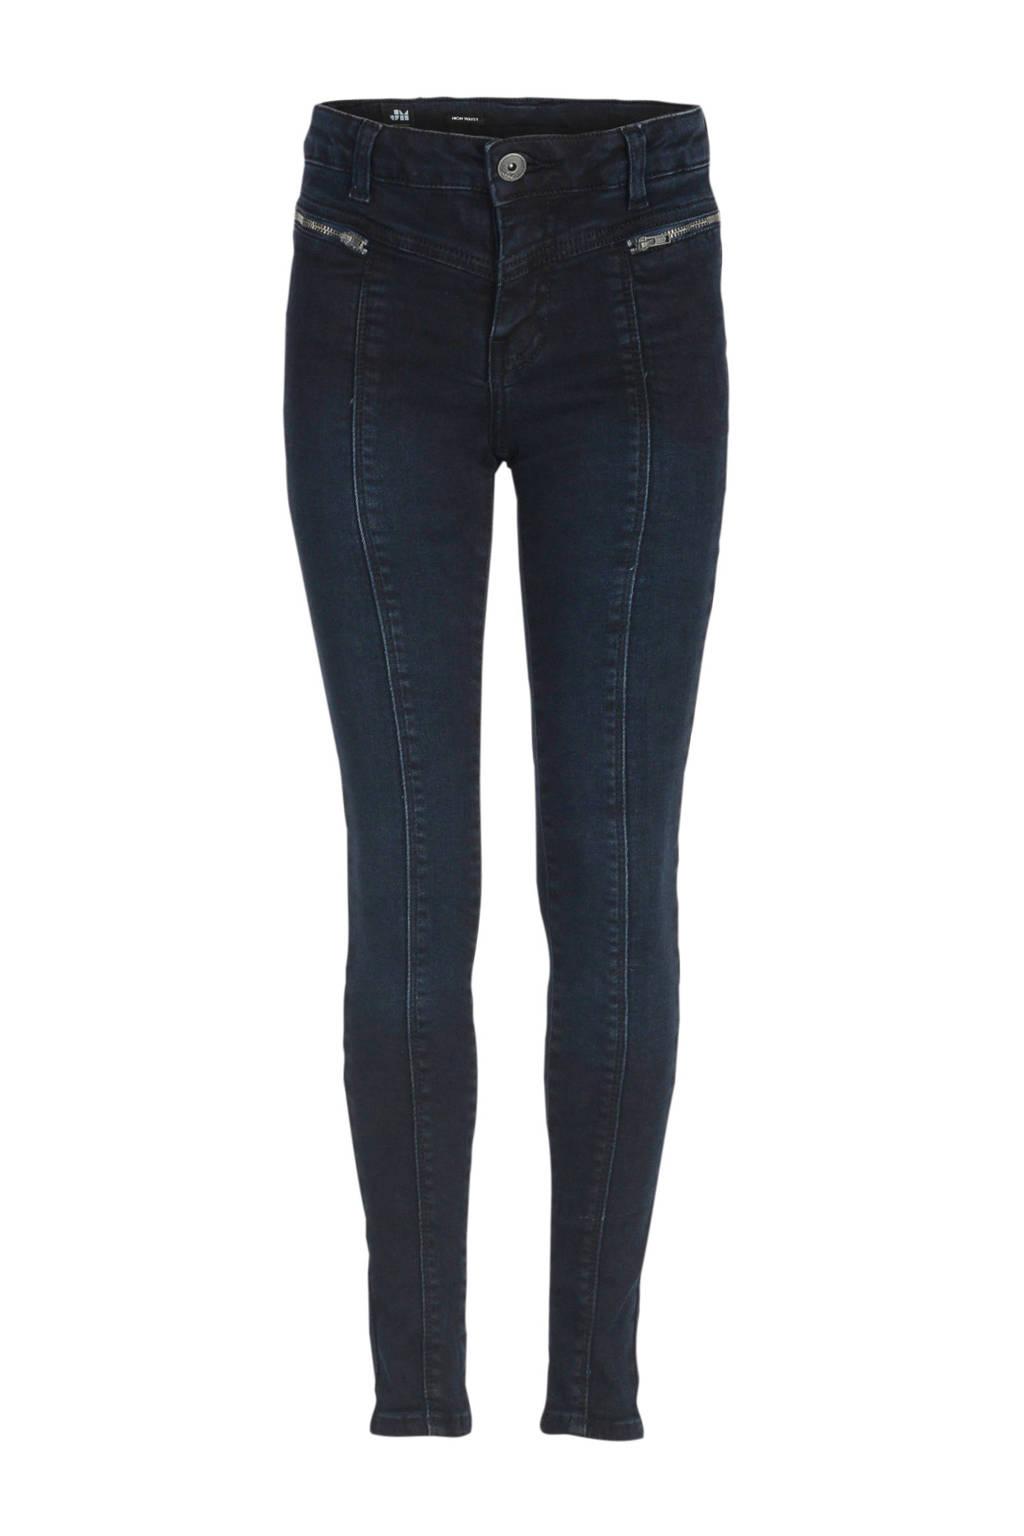 Jill & Mitch by Shoeby skinny jeans Cosy dark denim, Dark denim